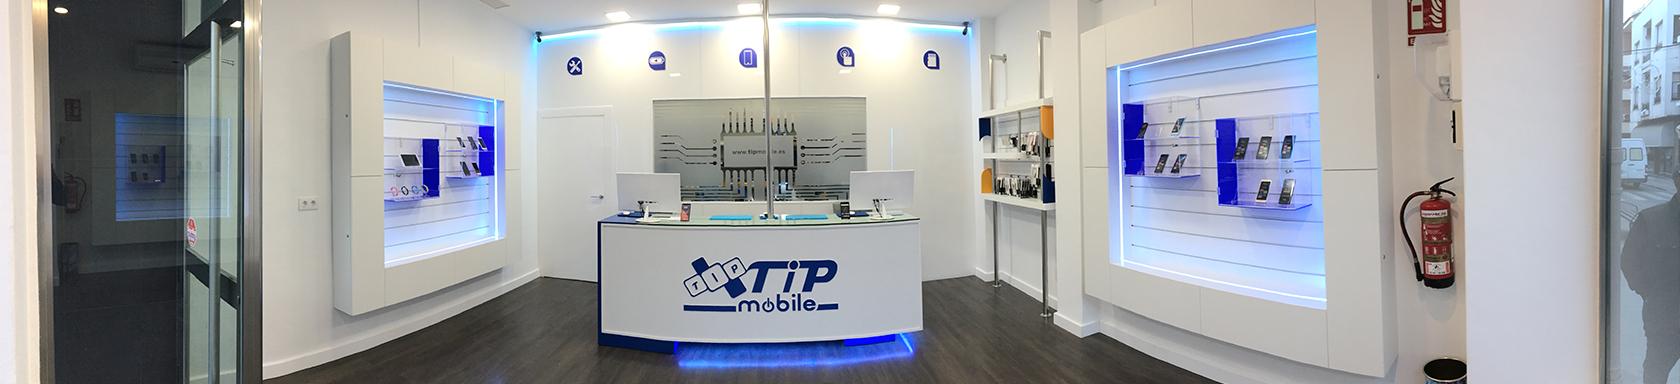 Tip Mobile Pozoblanco.jpg